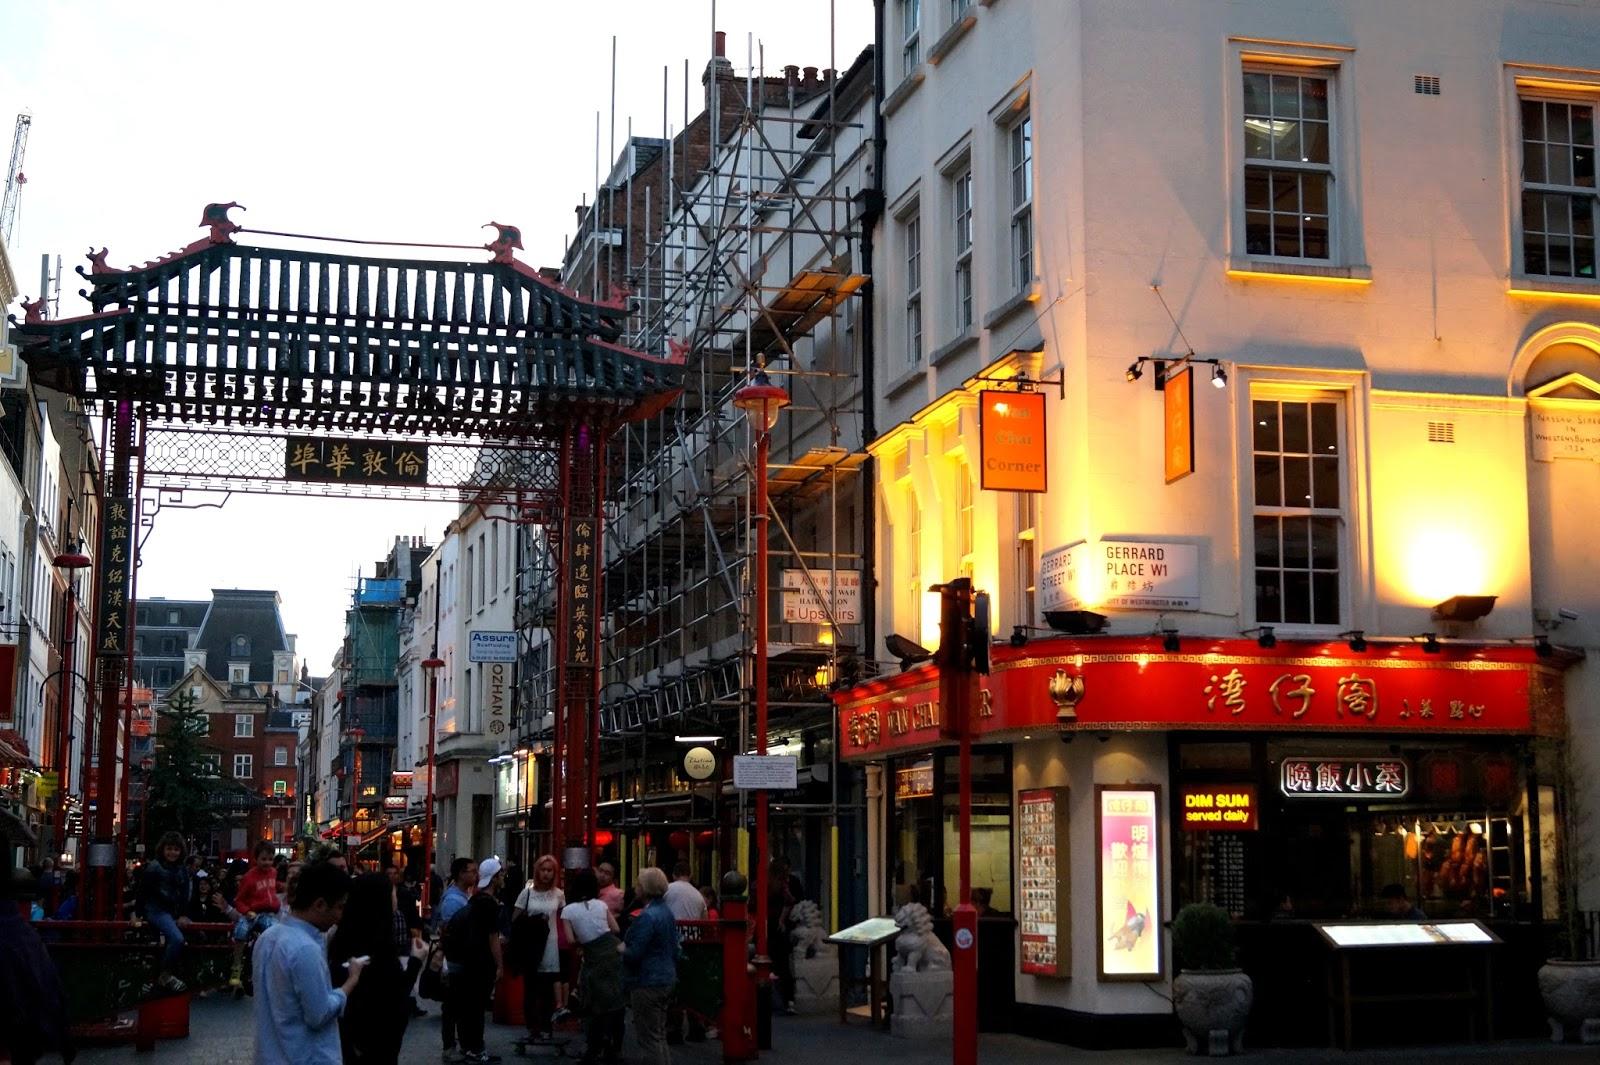 Londres bonnes adresses et conseils shopping chicas de revista blog mod - Quartier londres shopping ...